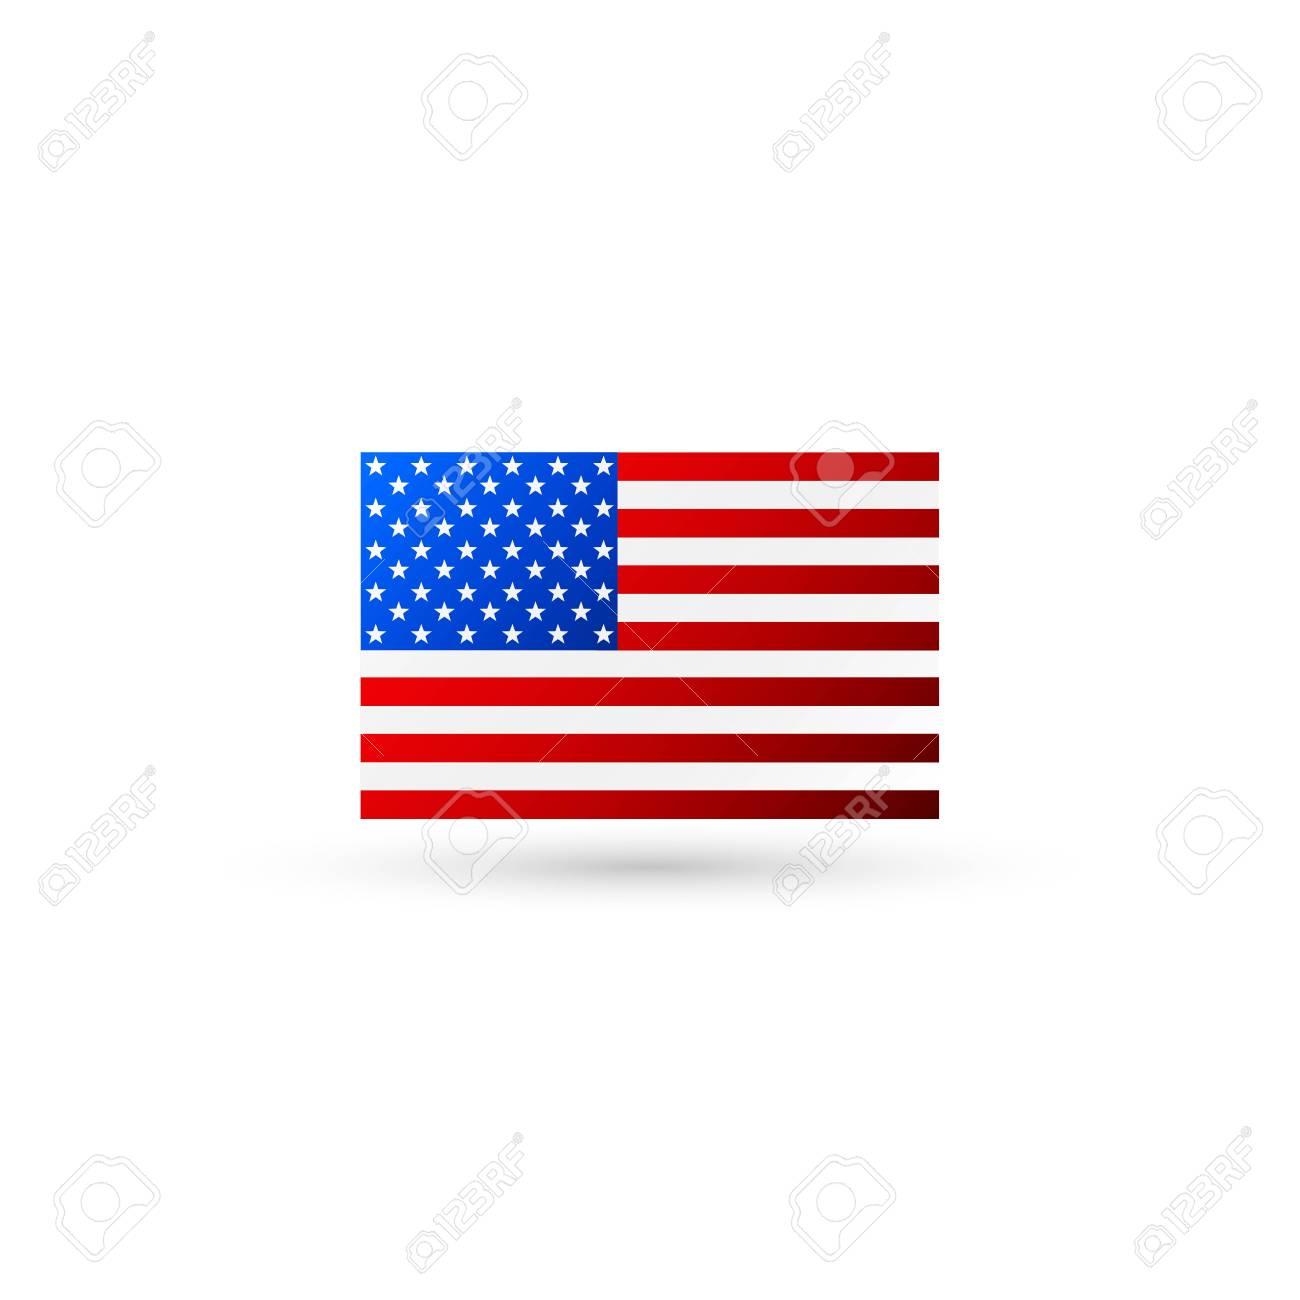 92eaeea949d American flag logo vector Stock Vector - 97404671